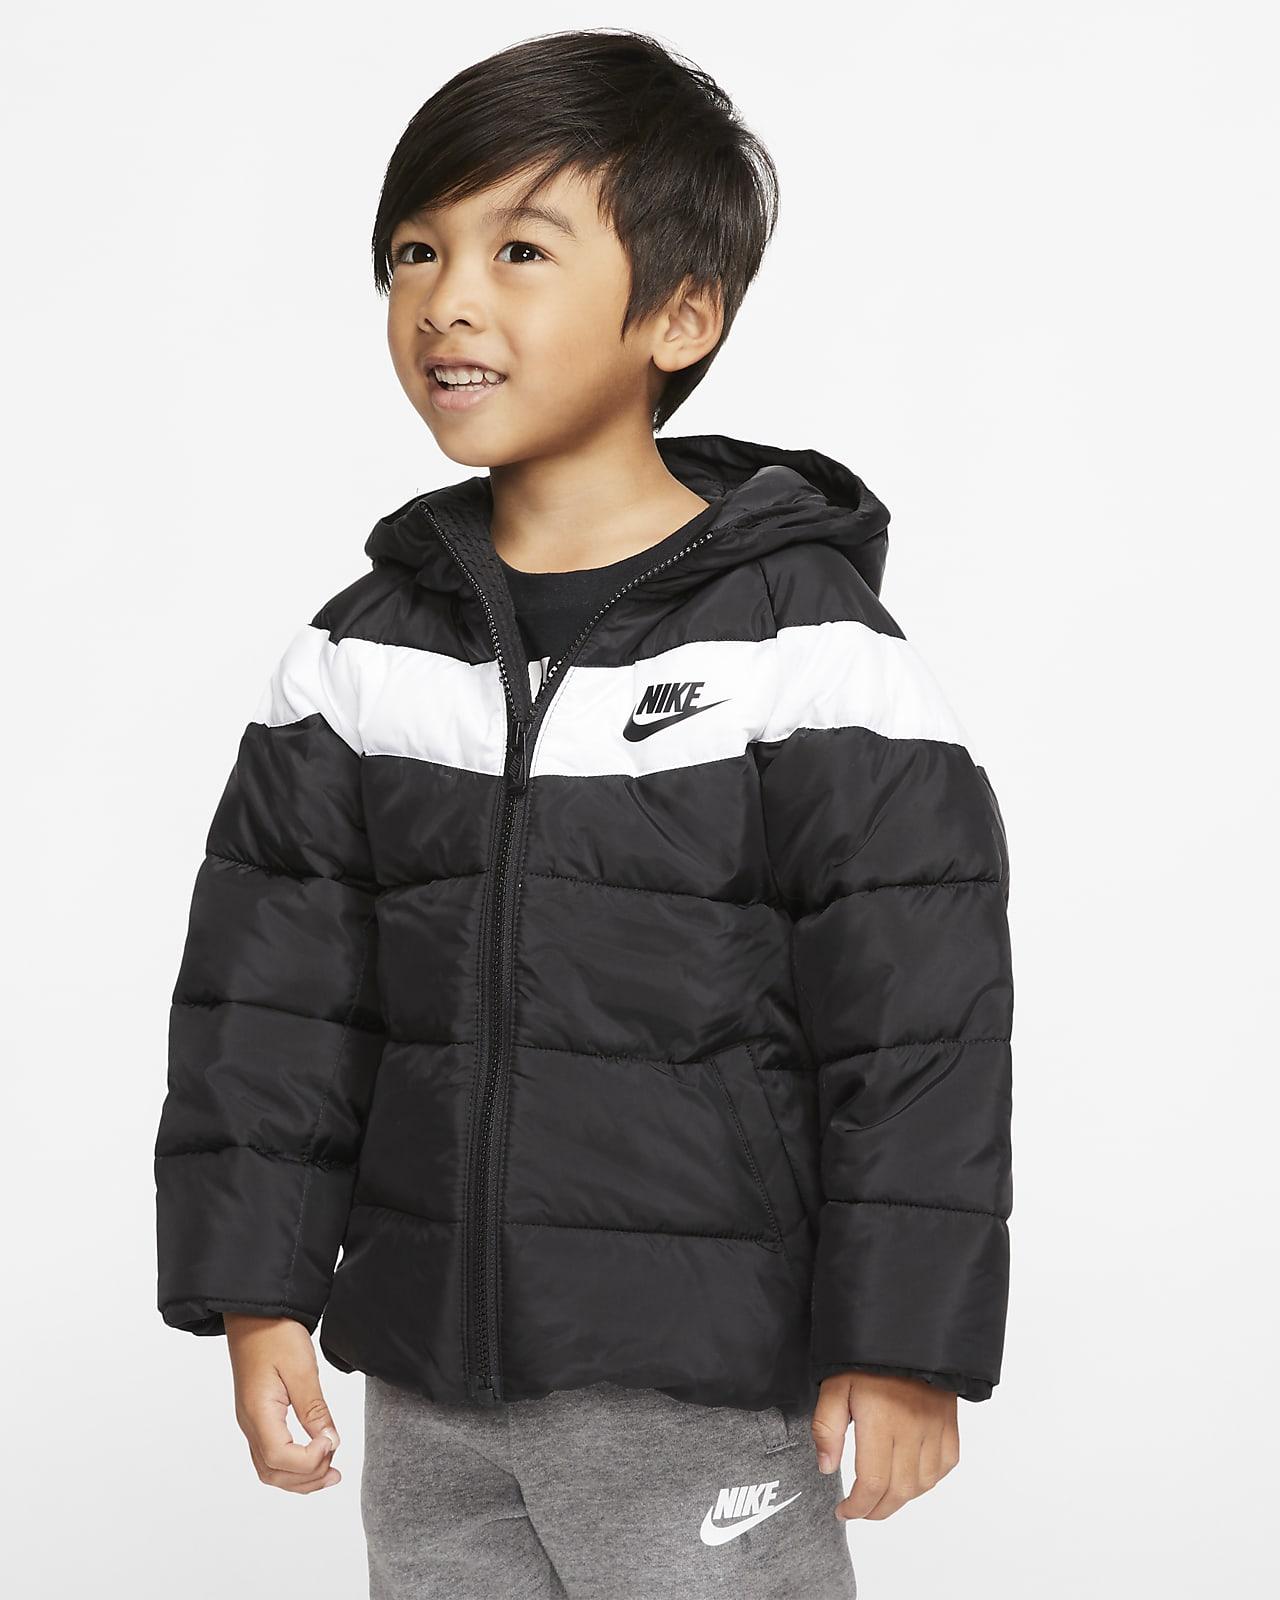 Nike Sportswear Toddler Puffer Jacket